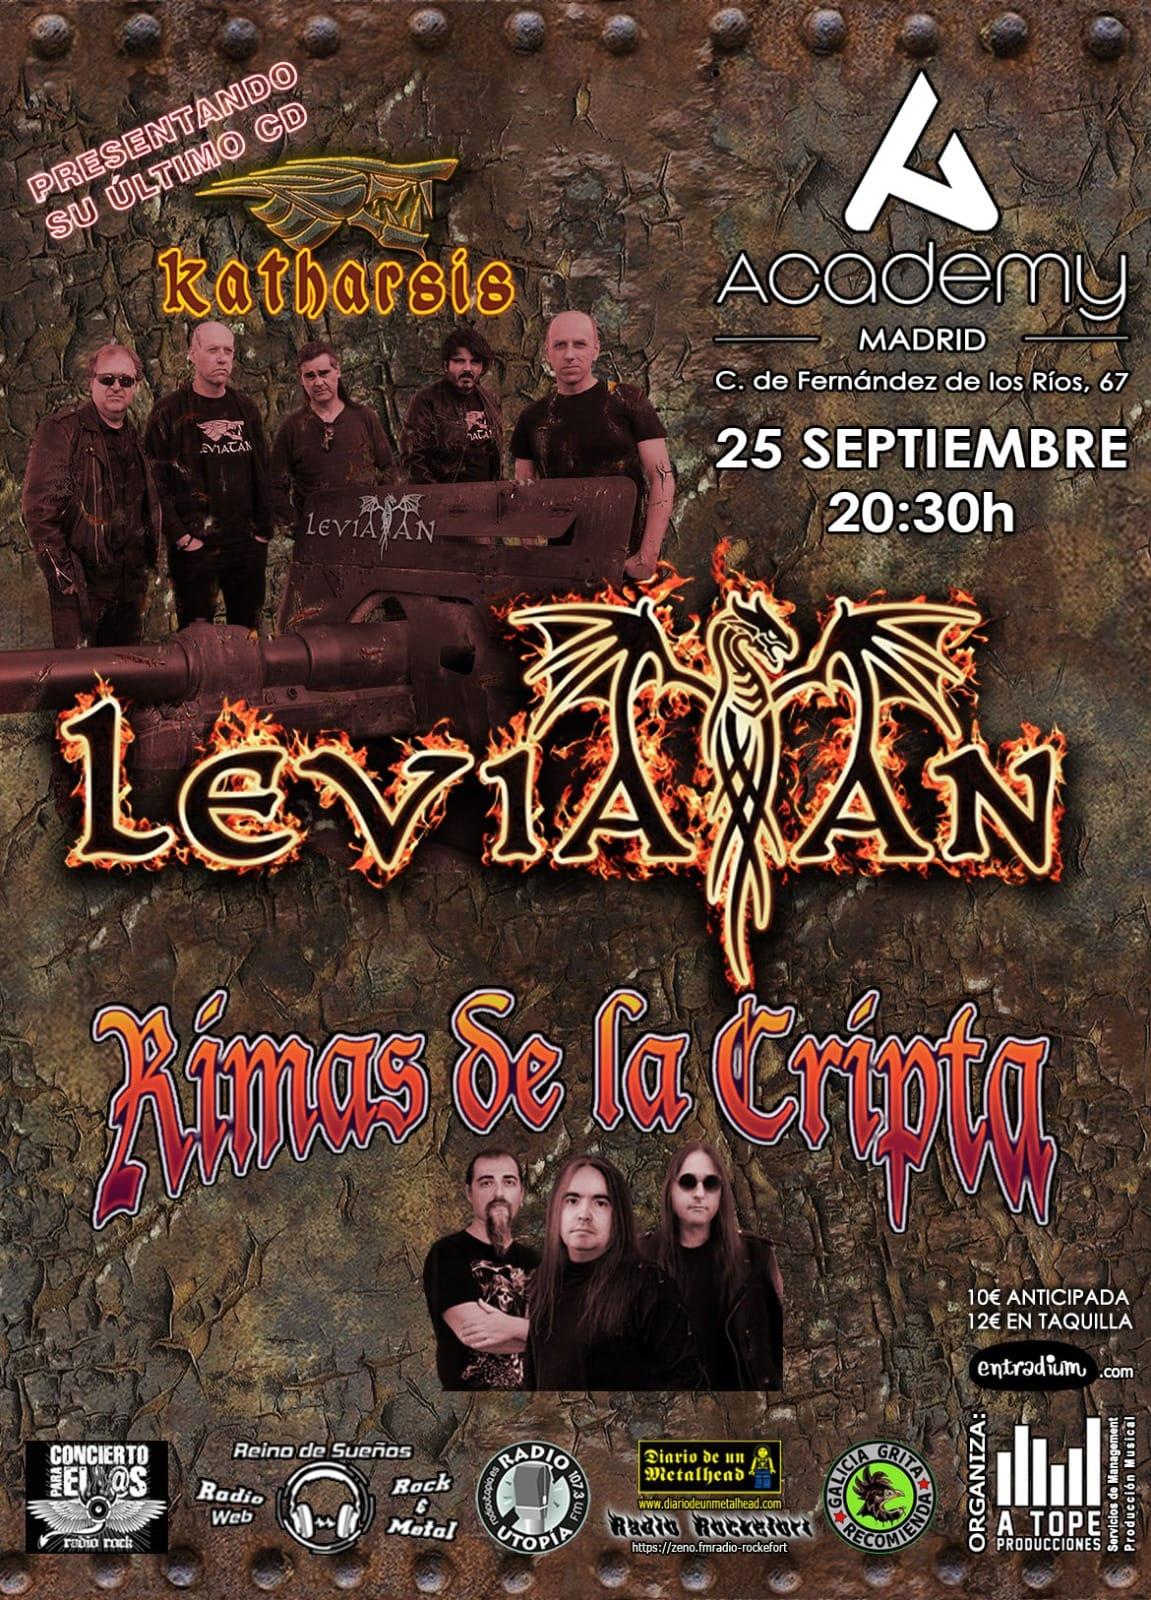 Levitan + Rimas de la Cripta - Sala Academy (Madrid)